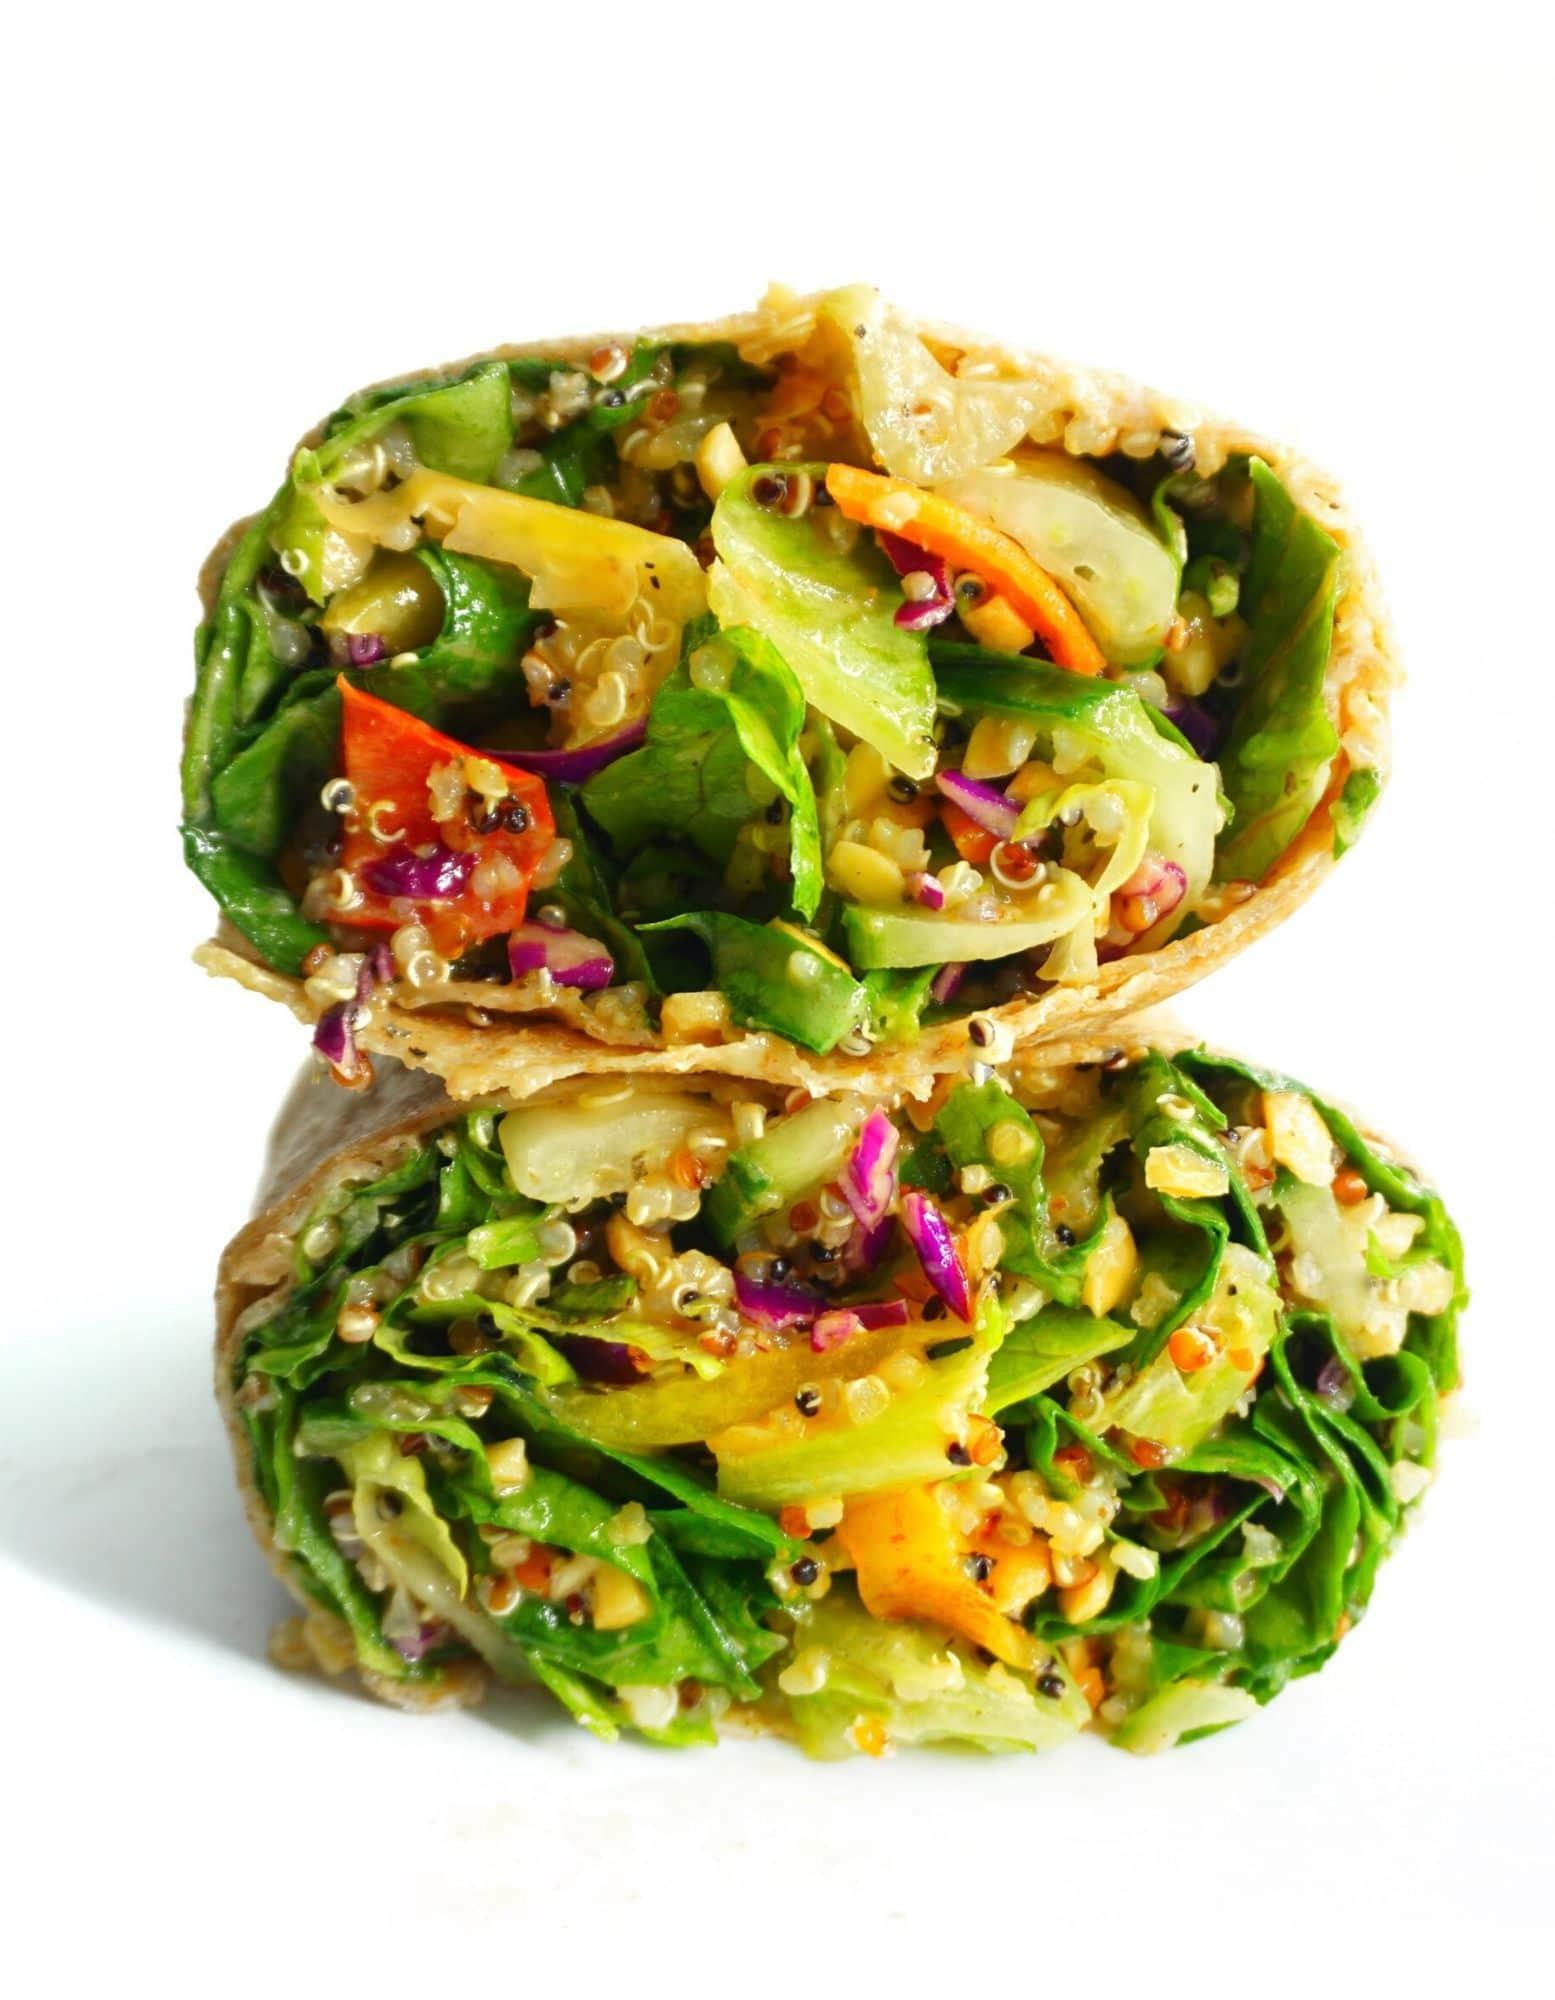 Loaded Veggie Wrap